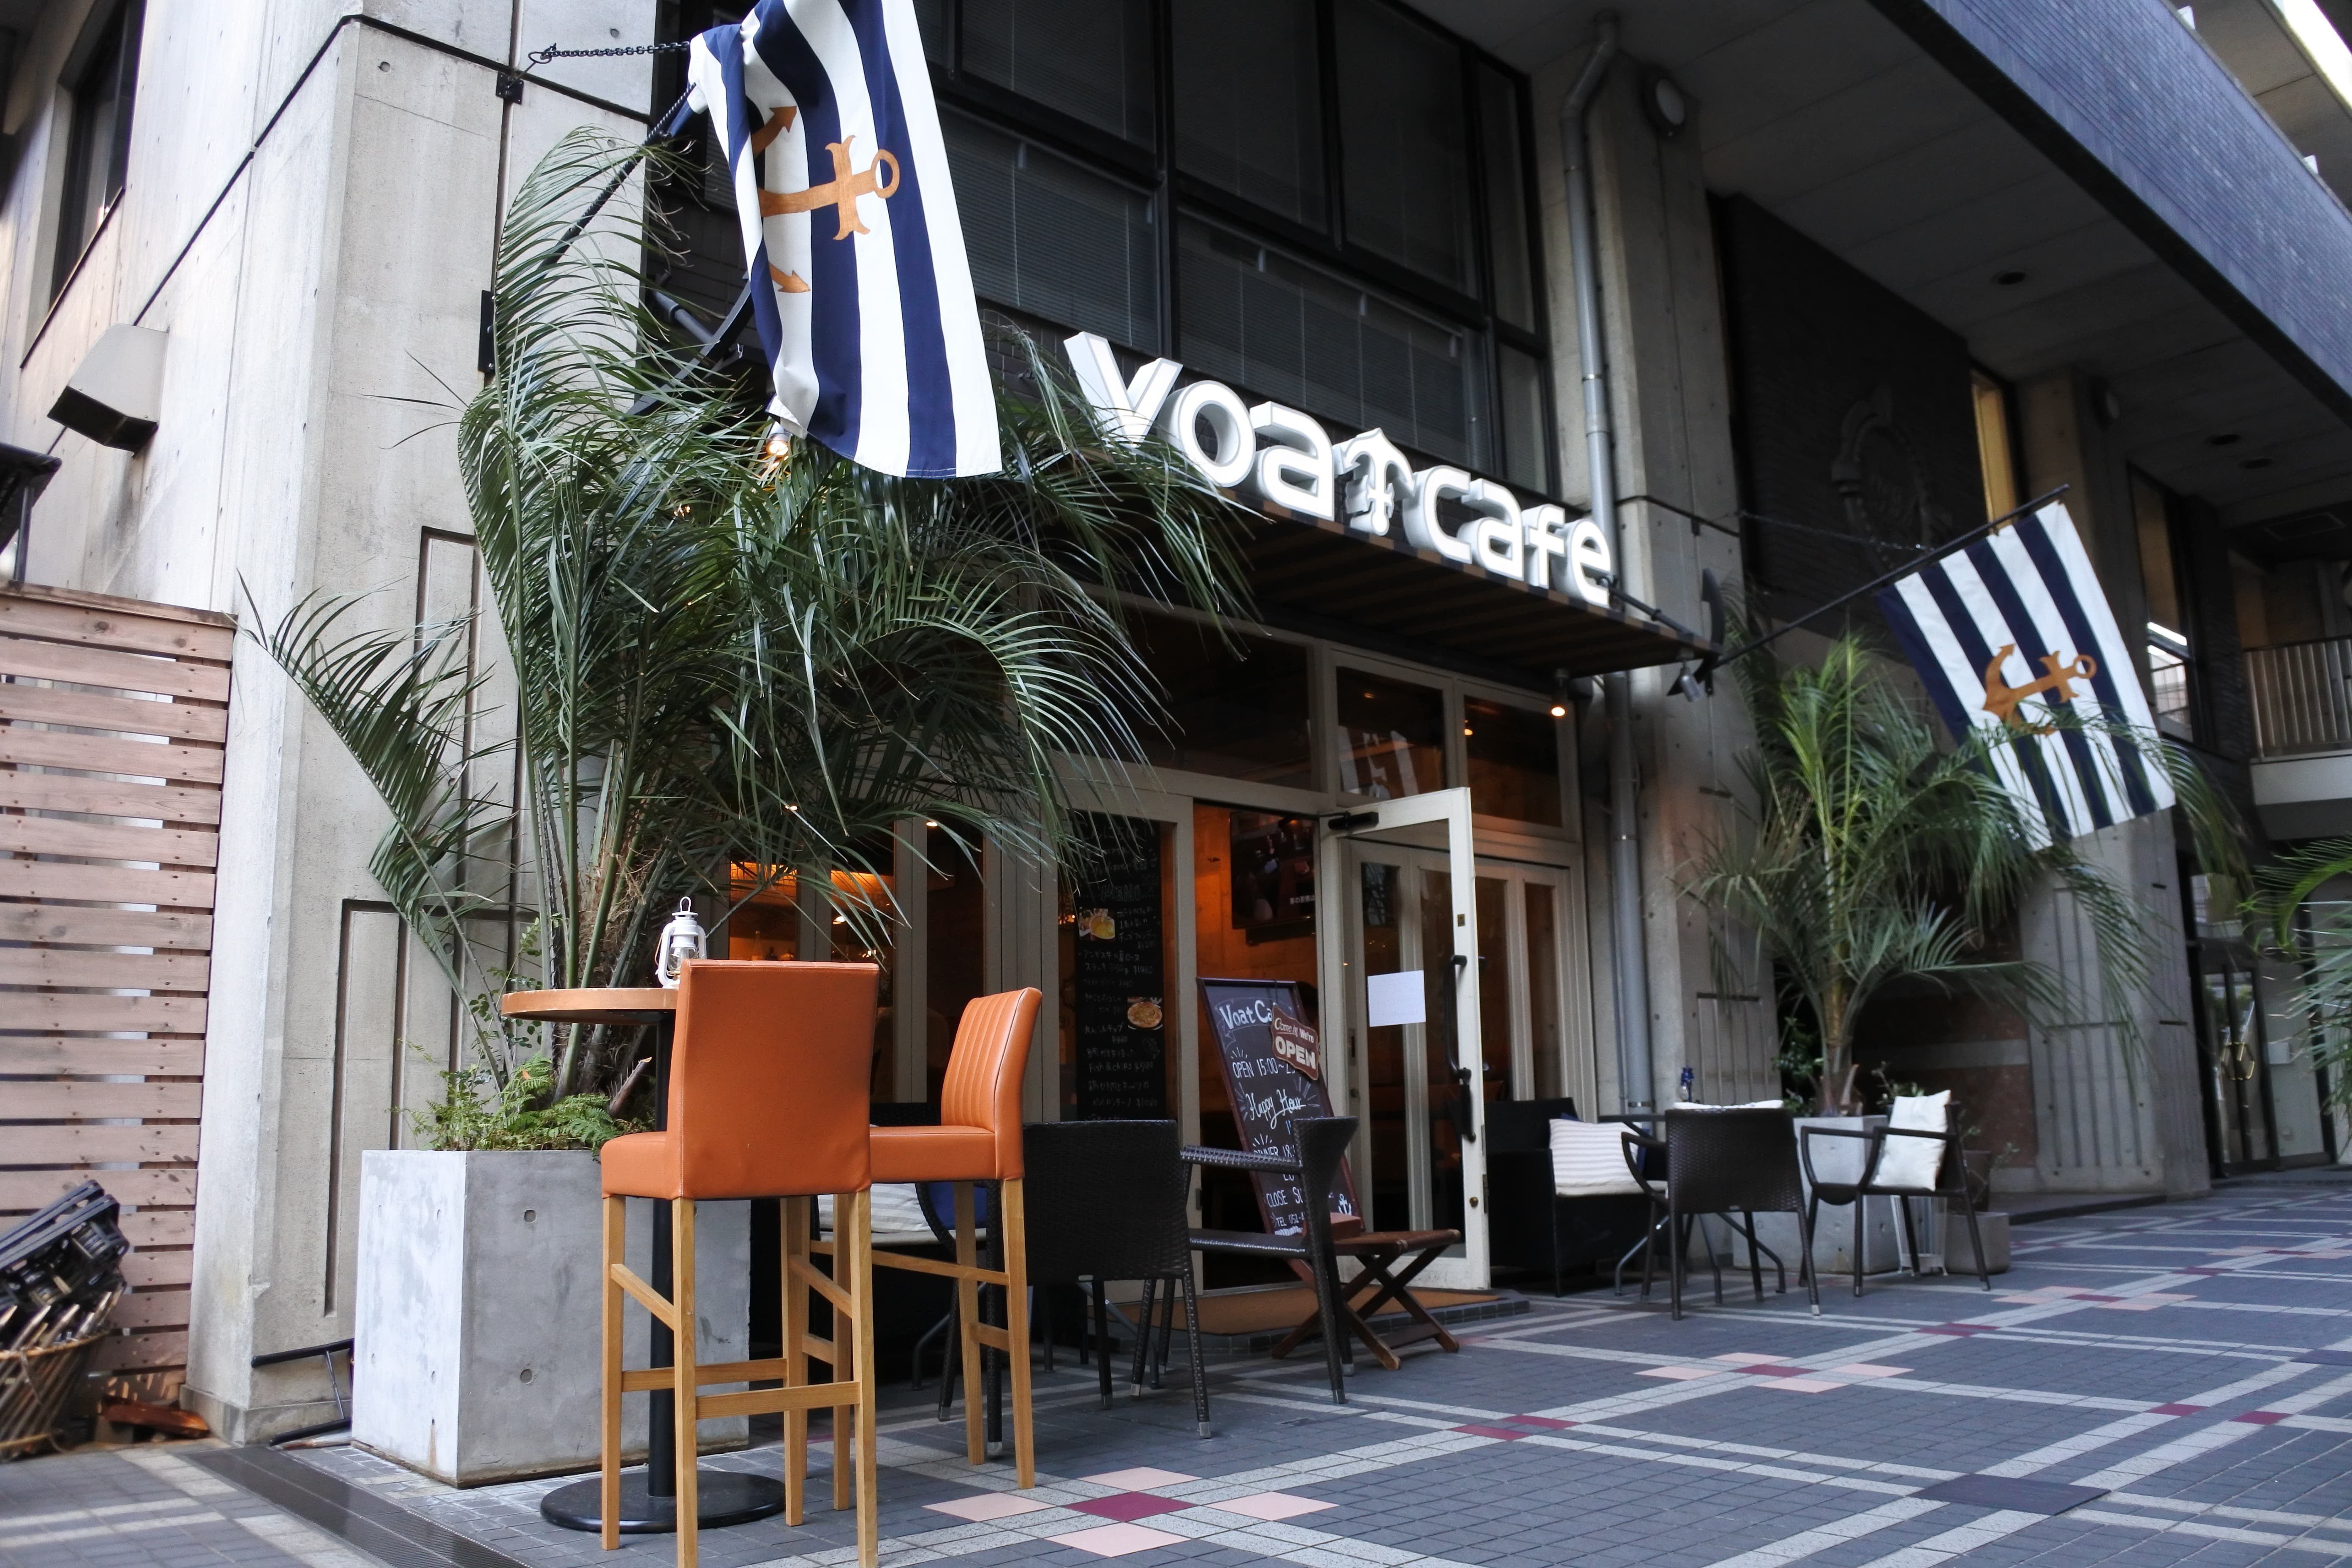 ボートカフェ voatcafe ランチ ディナー 名駅